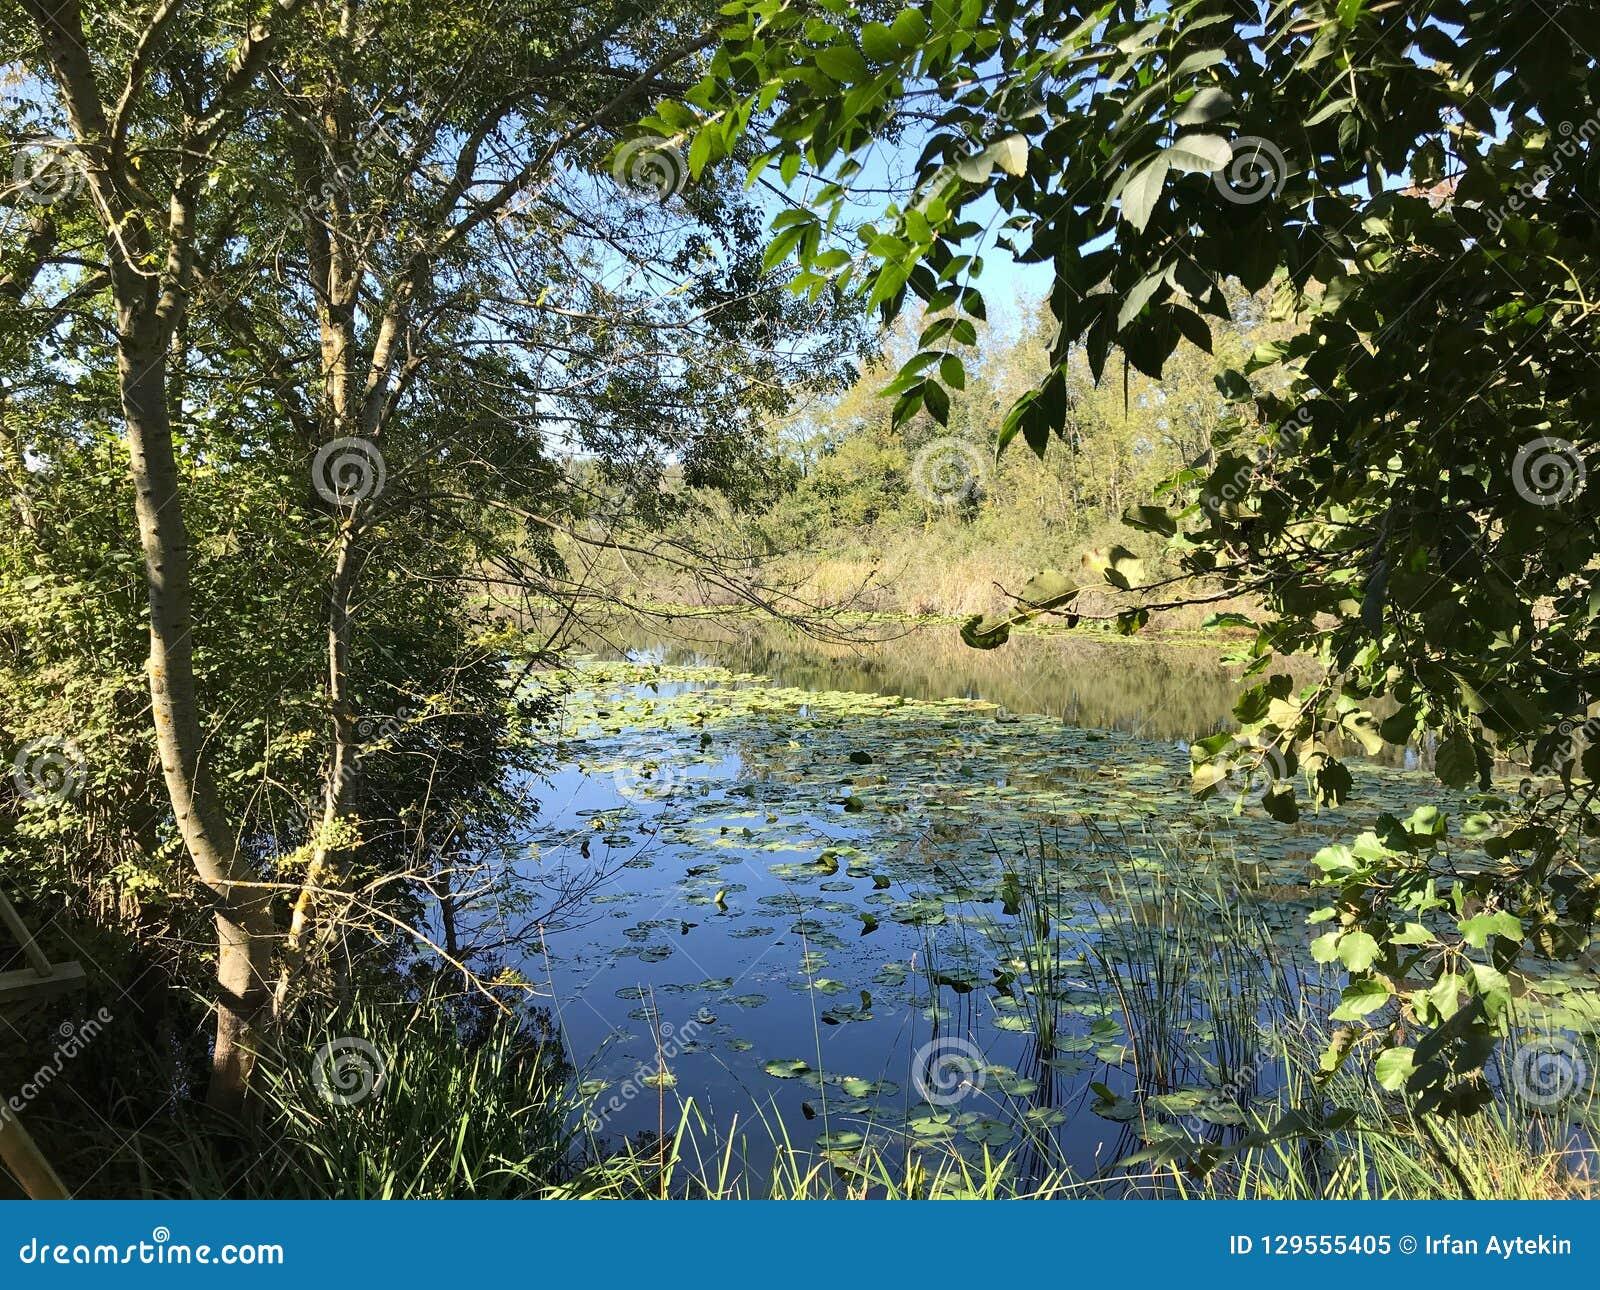 PAŹDZIERNIK 2018, Turcja bagna po drugie duży słodkowodny las: Acarlar w Sakarya, Turcja